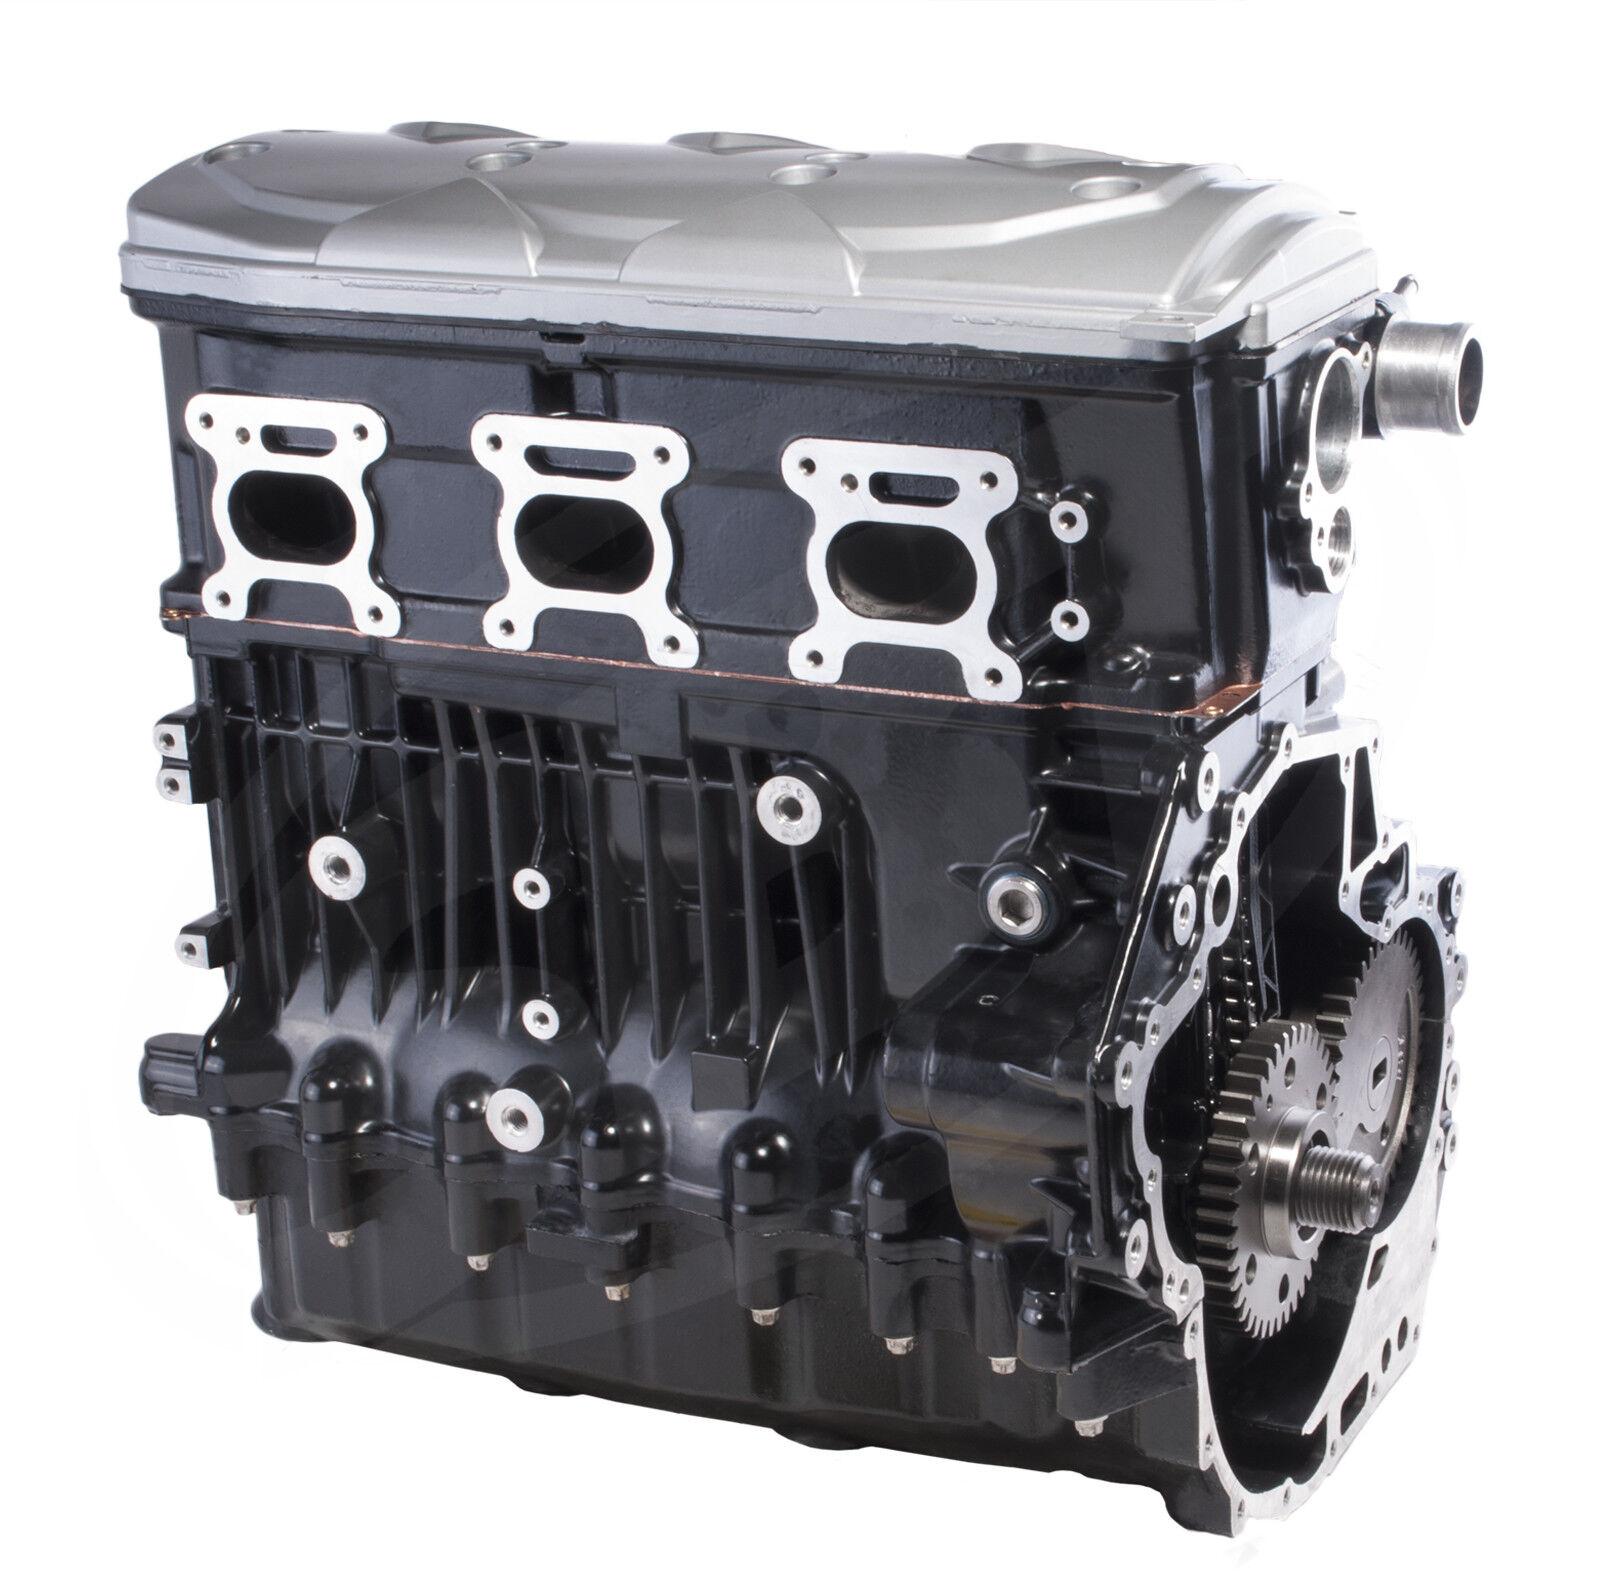 Sea-Doo Motor 2011 4-Tec Welt 155 Na Babyhaar Welt 4-Tec Sbt 29-112A c367f3